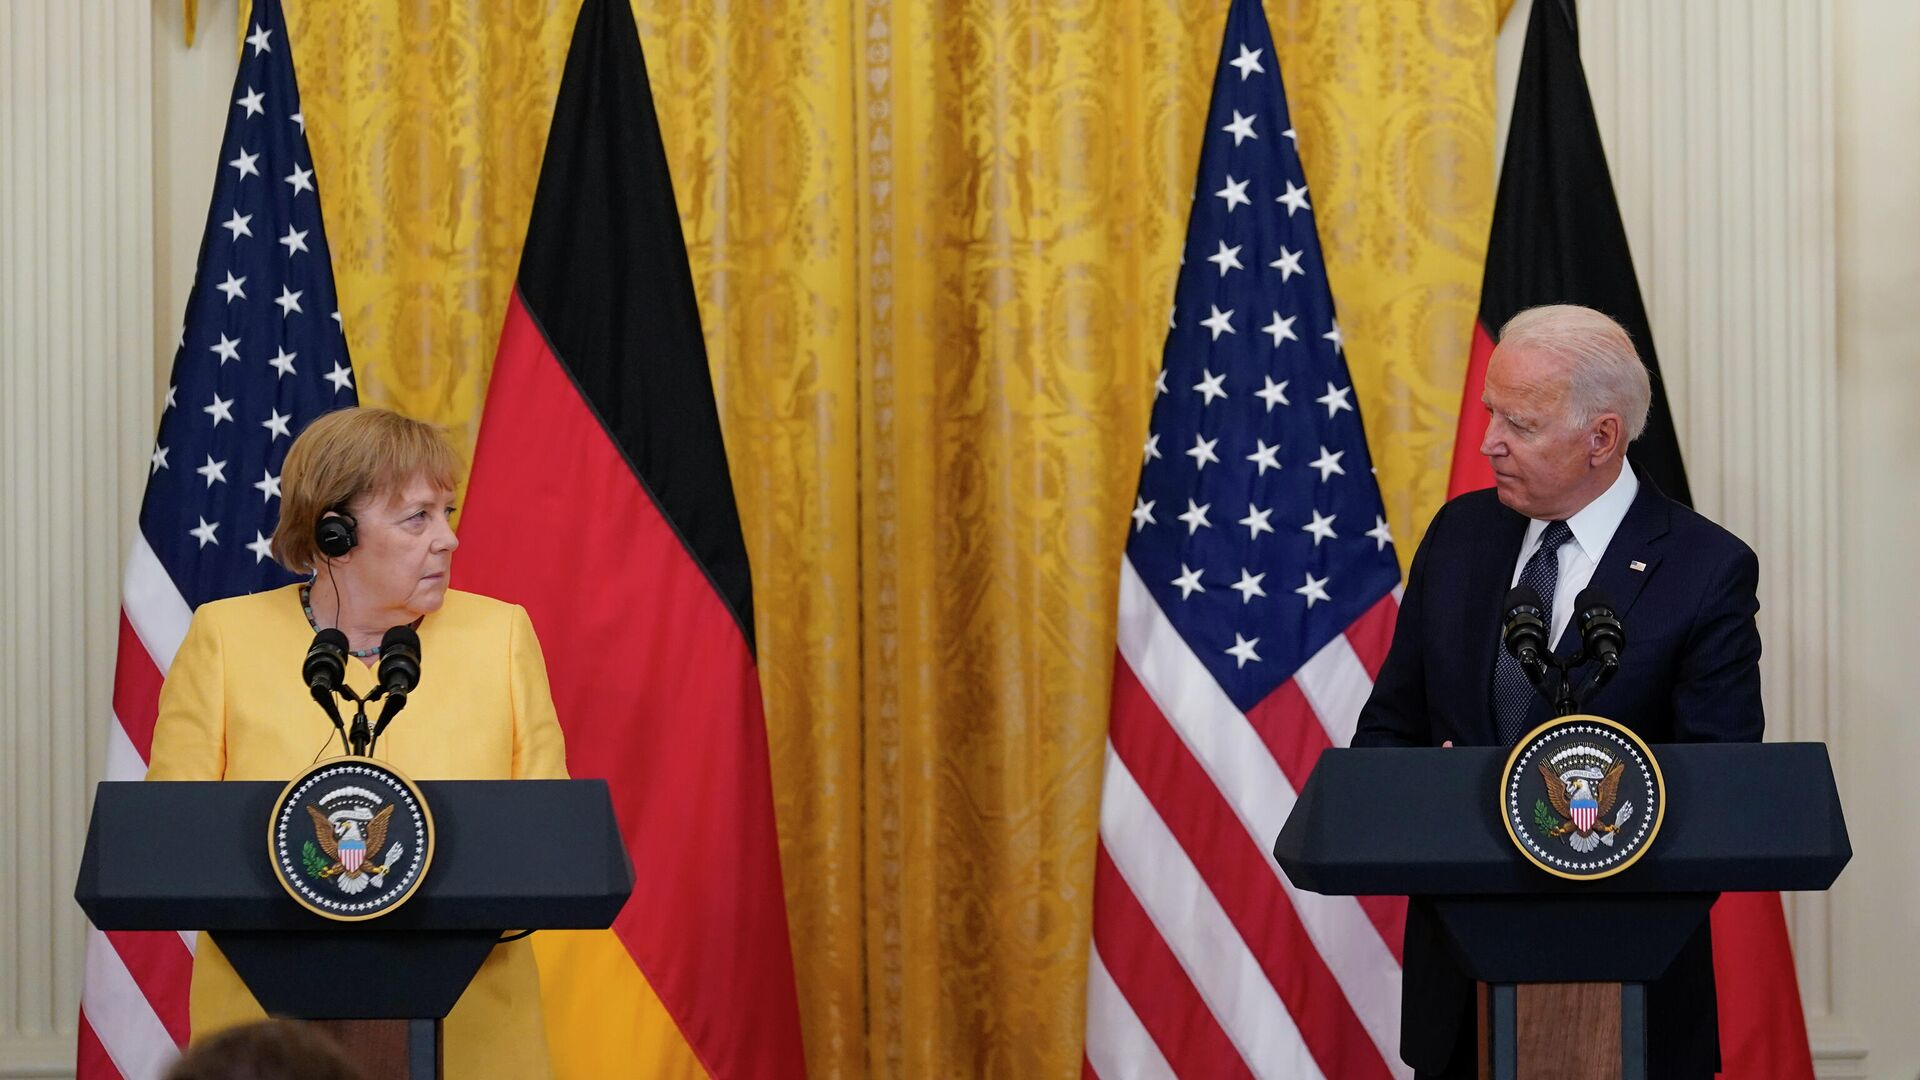 Президент США Джо Байден и канцлер ФРГ Ангела Меркель на пресс-конференции в Белом доме - РИА Новости, 1920, 16.07.2021